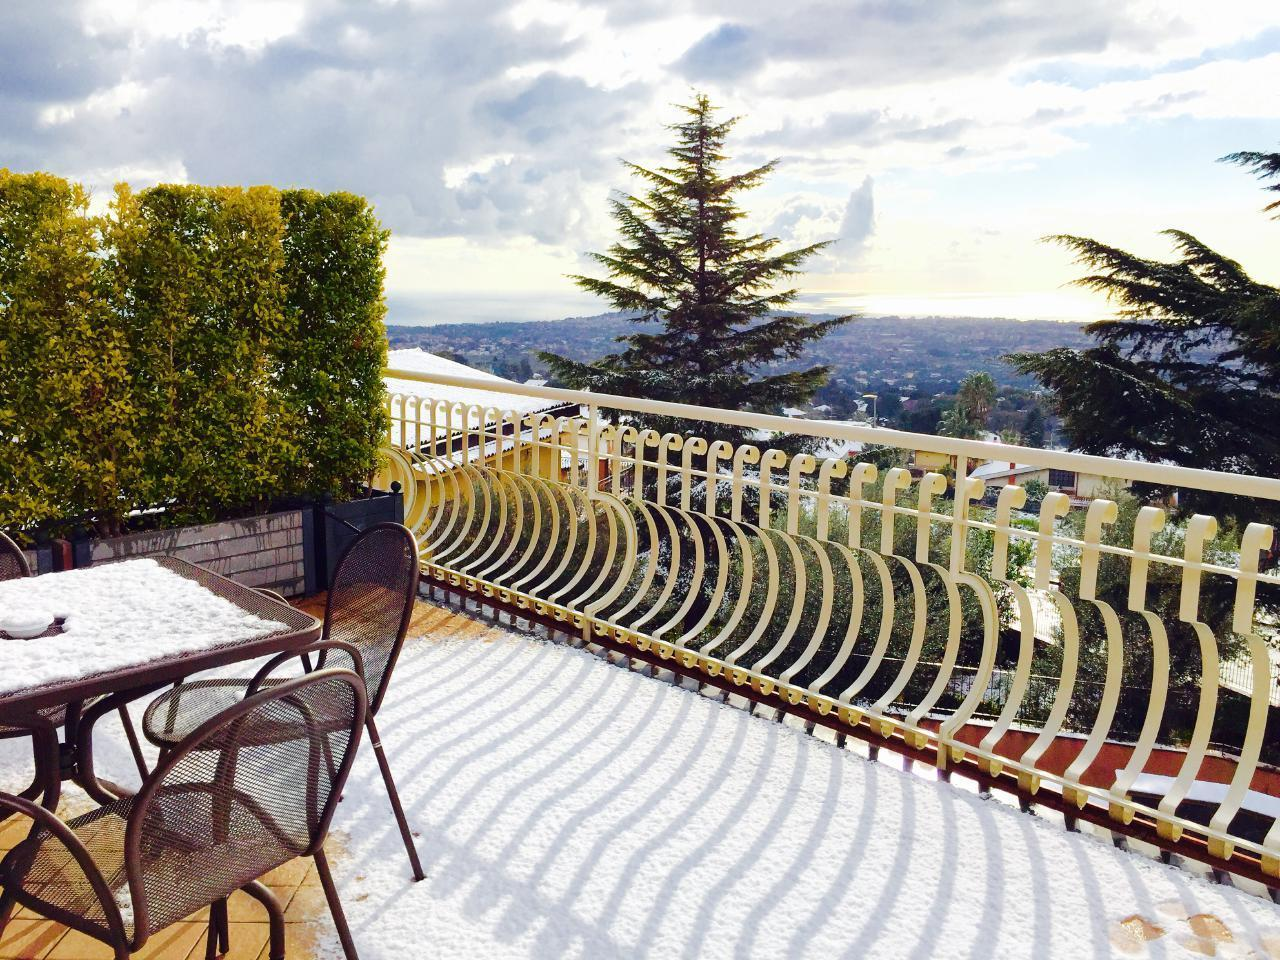 Appartement de vacances Etna Royal View - Drei Zimmer (2147198), Trecastagni, Catania, Sicile, Italie, image 25